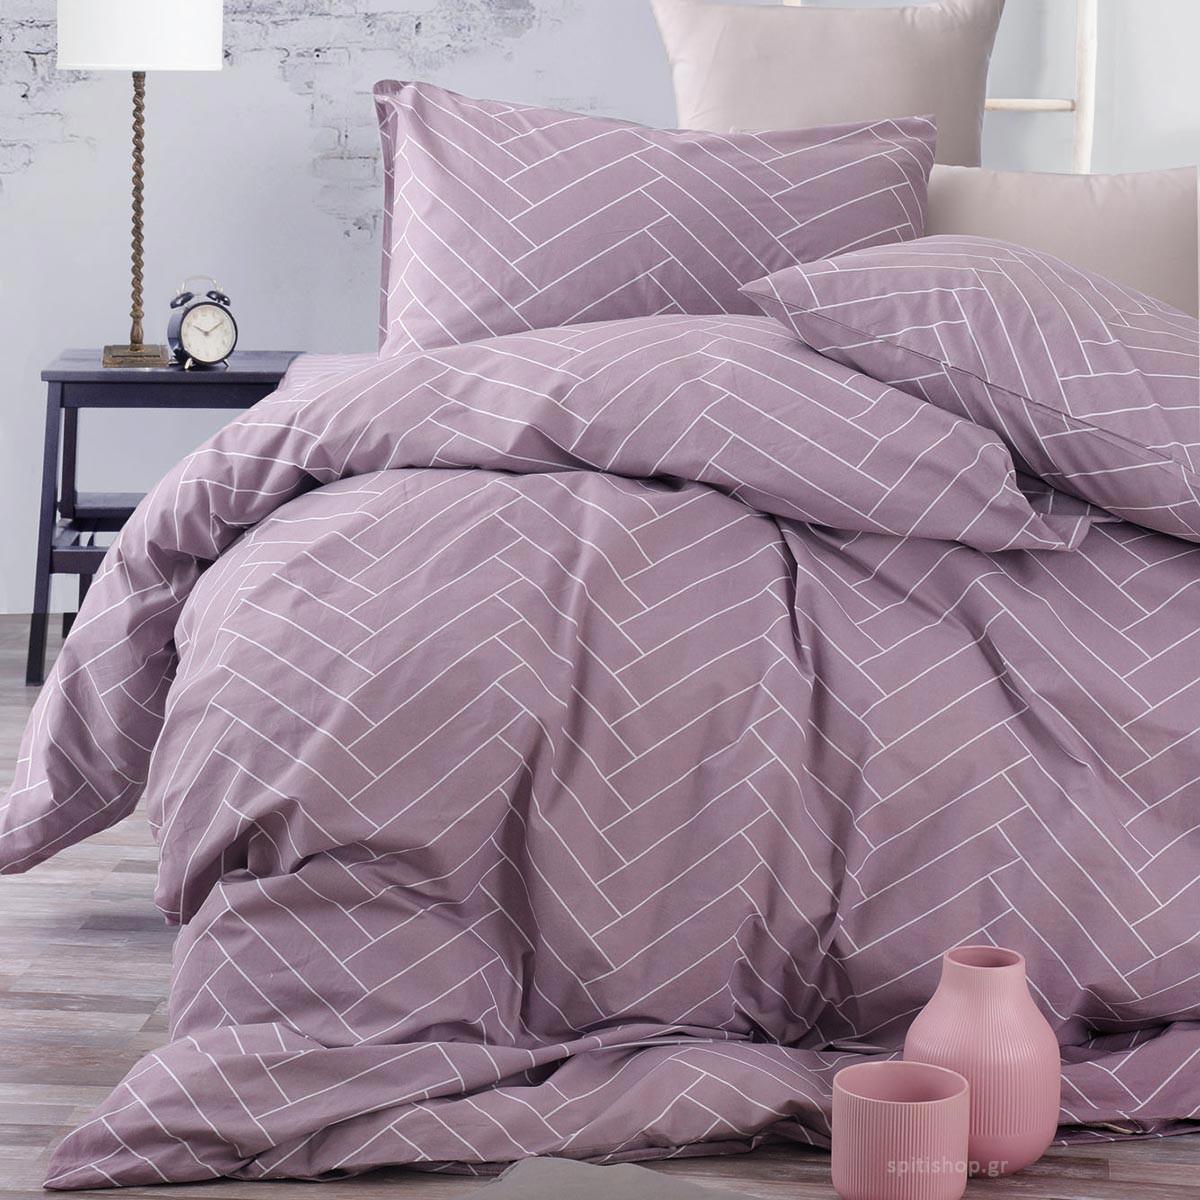 Σεντόνια Μονά (Σετ) Rythmos Symbol Tiles Purple ΜΕ ΛΑΣΤΙΧΟ ΜΕ ΛΑΣΤΙΧΟ